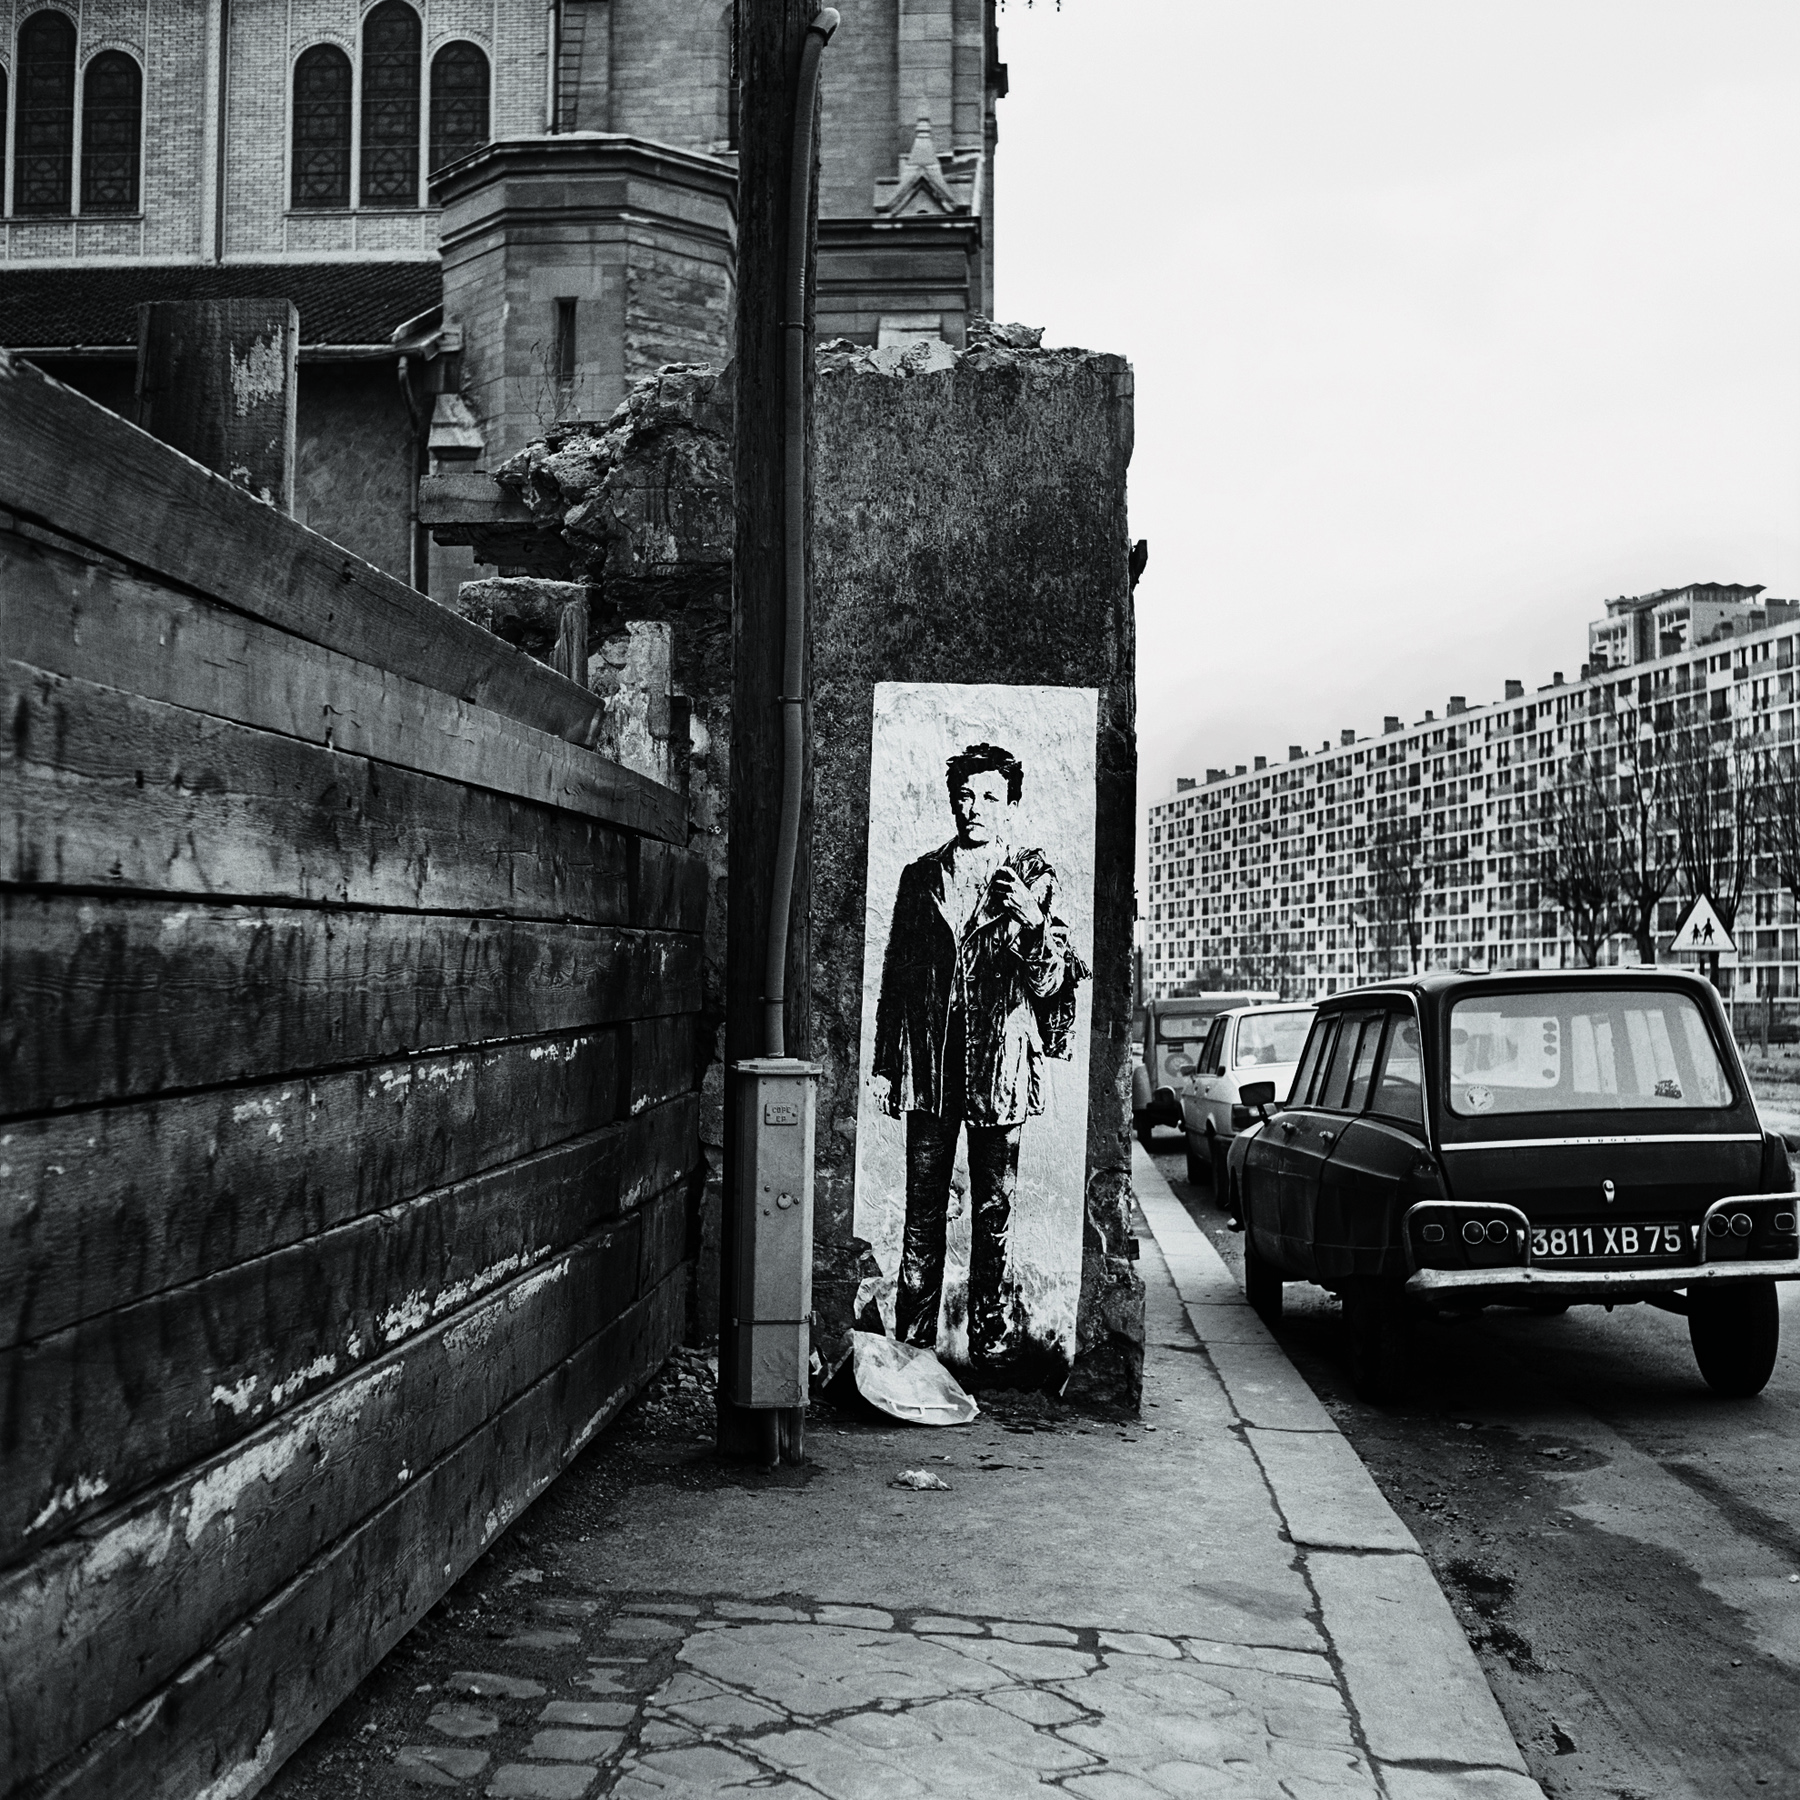 Ernest PIGNON-street-art-oldskull-6